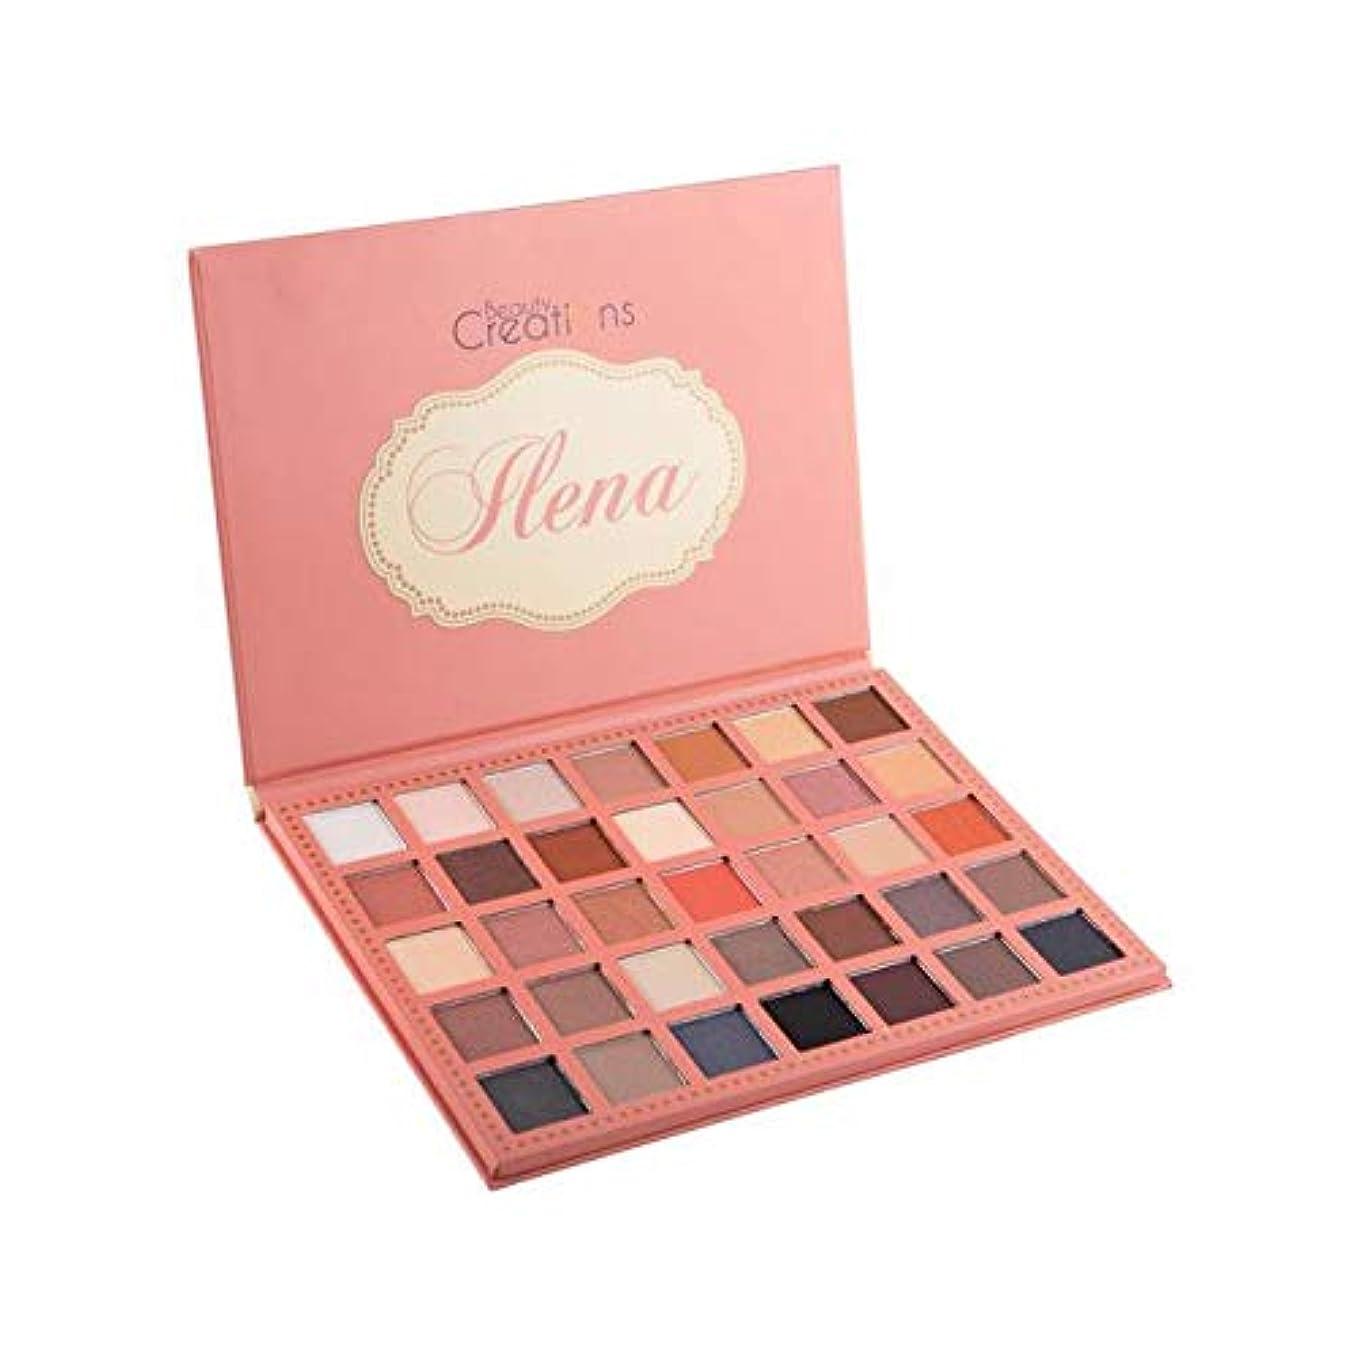 どこでも侵入貫通する(3 Pack) BEAUTY CREATIONS 35 Color Eyeshadow Palette - Ilena (並行輸入品)